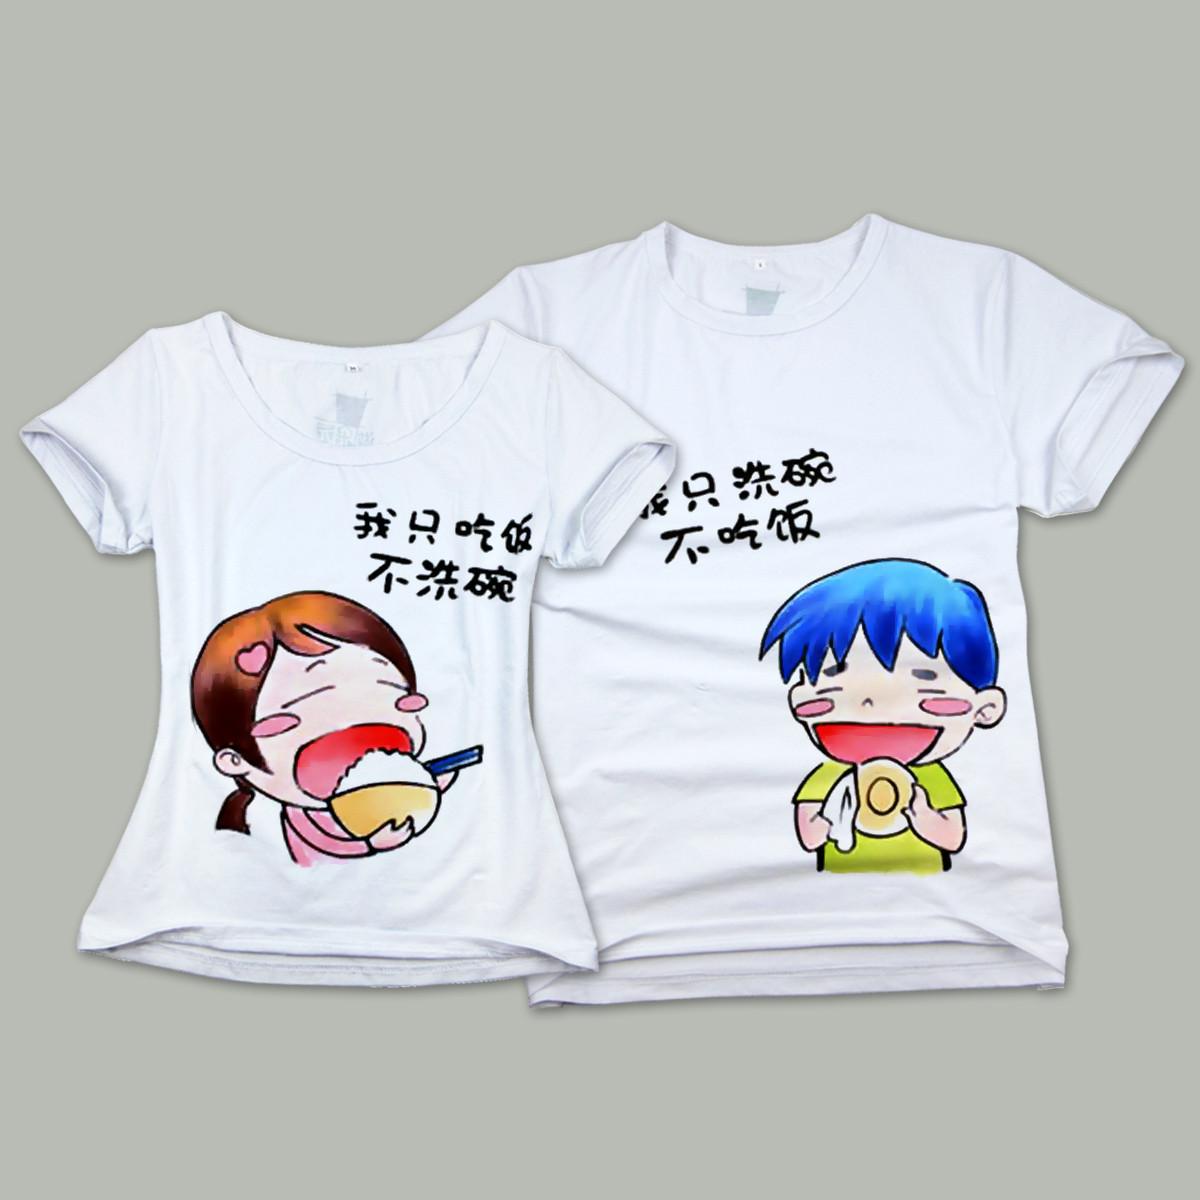 简单个性的手绘情侣t恤,爱人间,不过如此般特